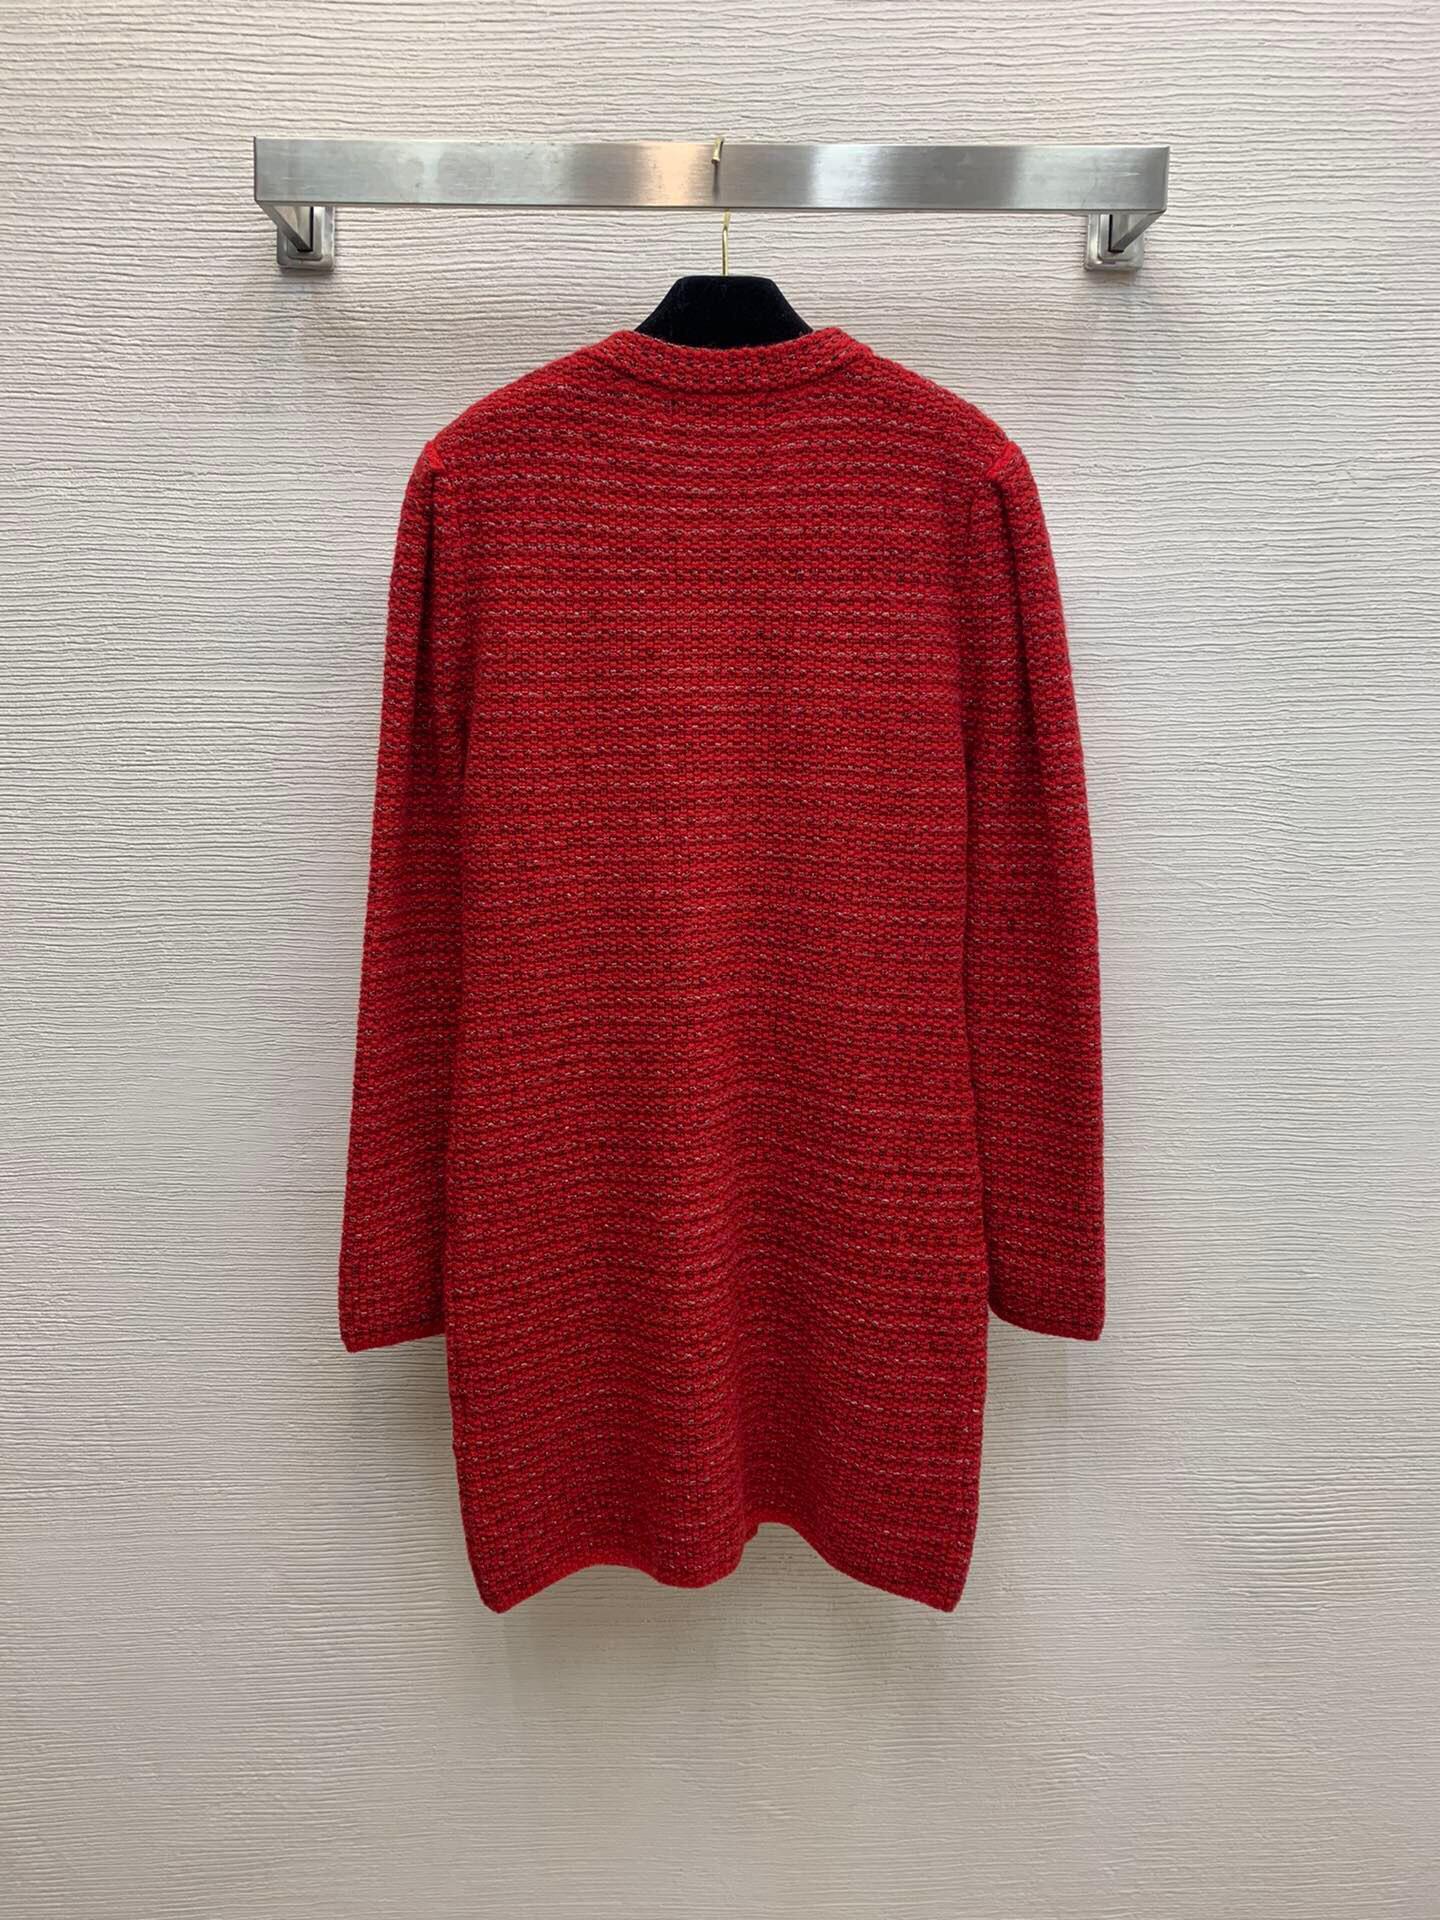 320 2021 Bahar Yaz Bir Çizgi Uzun Kollu Elbise Balo Moda V Boyun Flora Baskı Diz Yukarı Üstü Marka Aynı Stil Red Weini